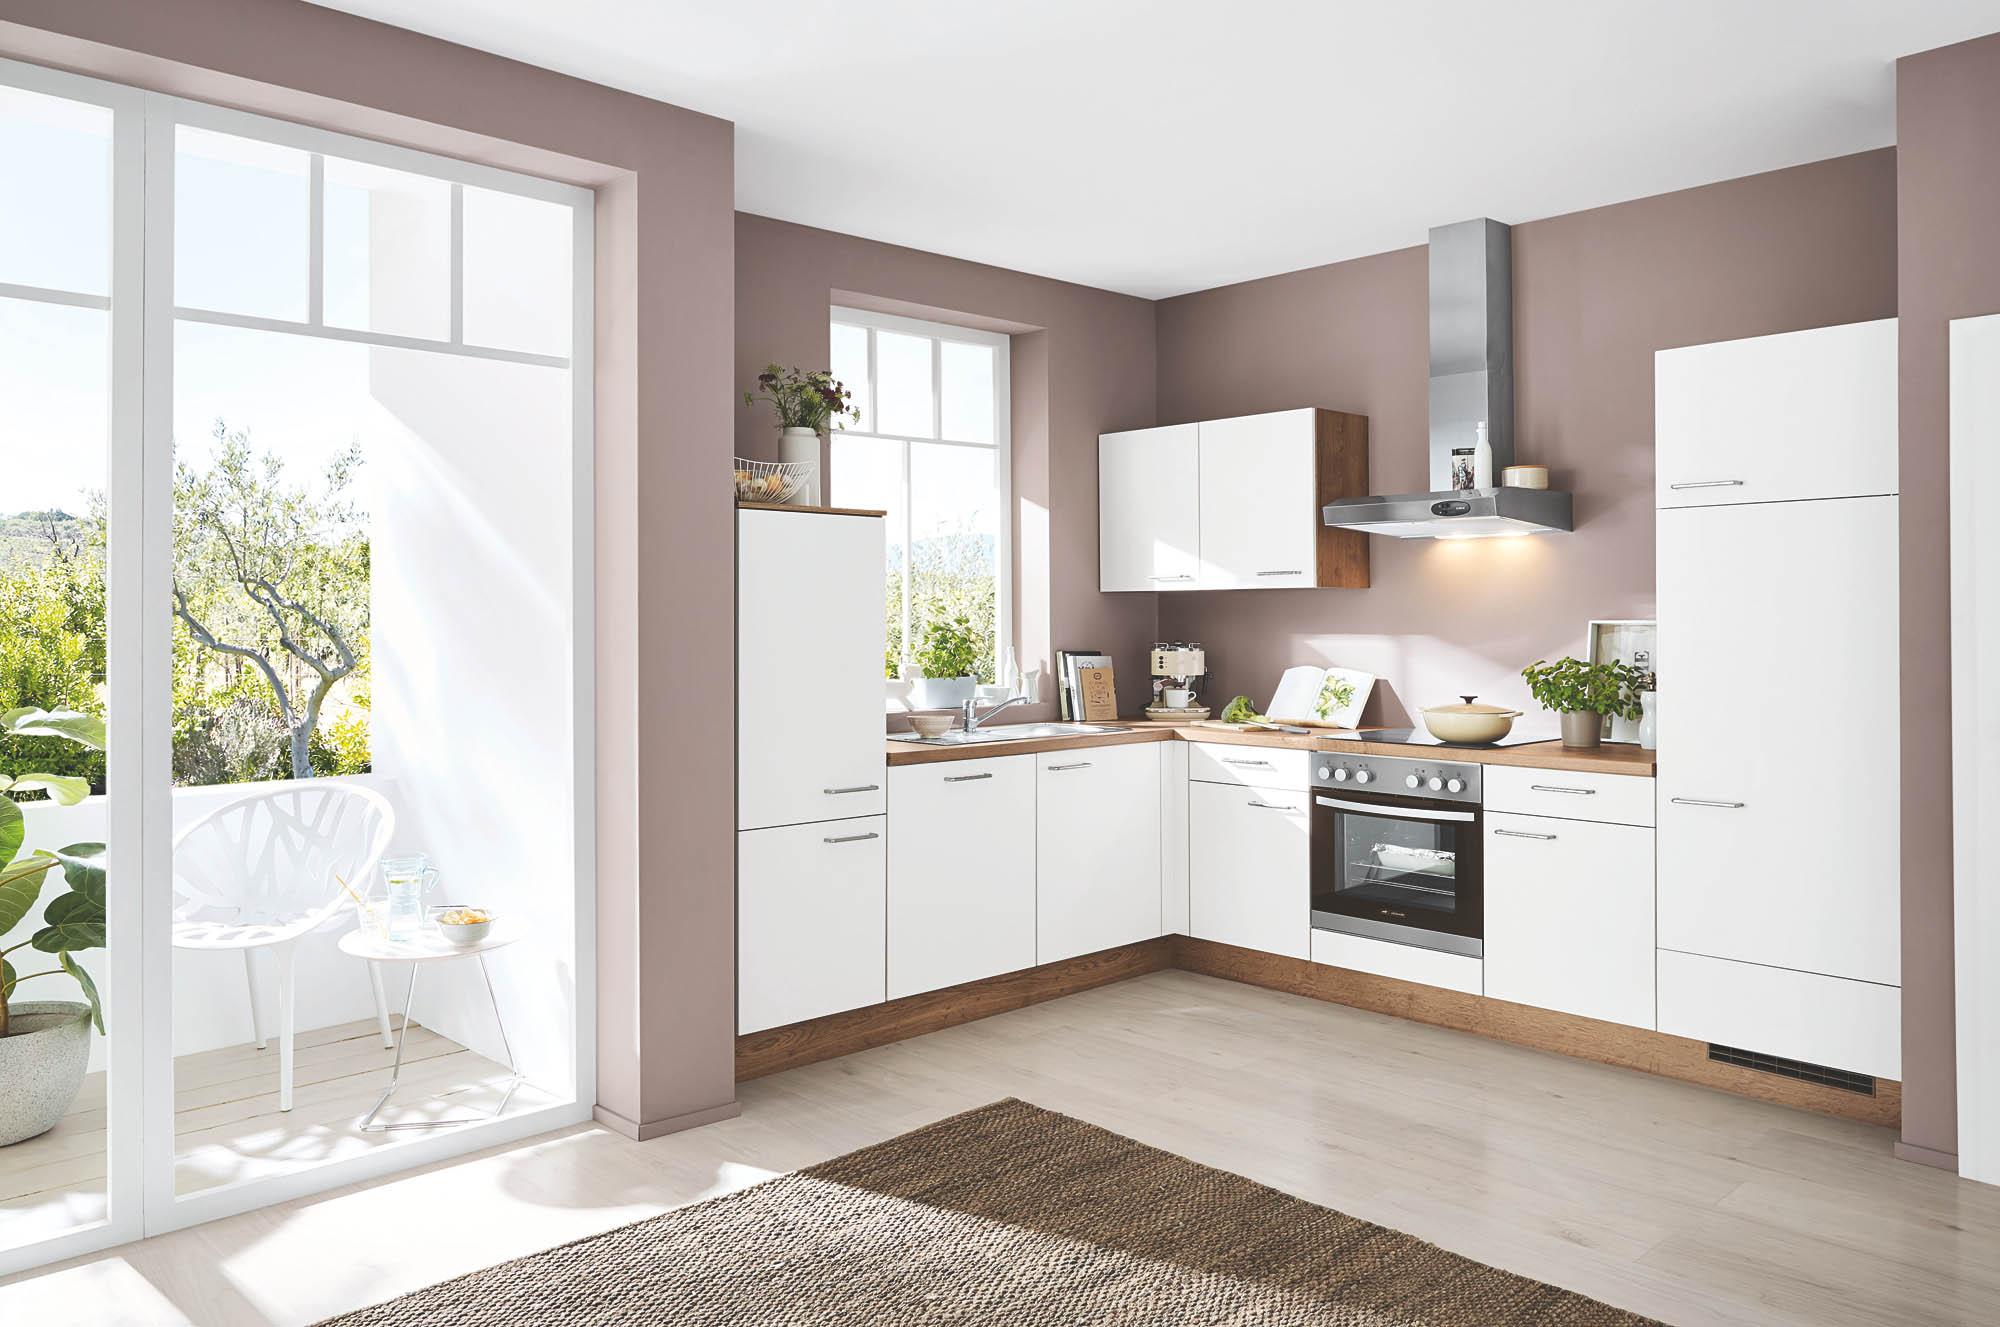 Full Size of Arbeitshhe Kche Nobilia Wandabschlussleiste Abverkauf Online Einbauküche Küche Wohnzimmer Nobilia Wandabschlussleiste